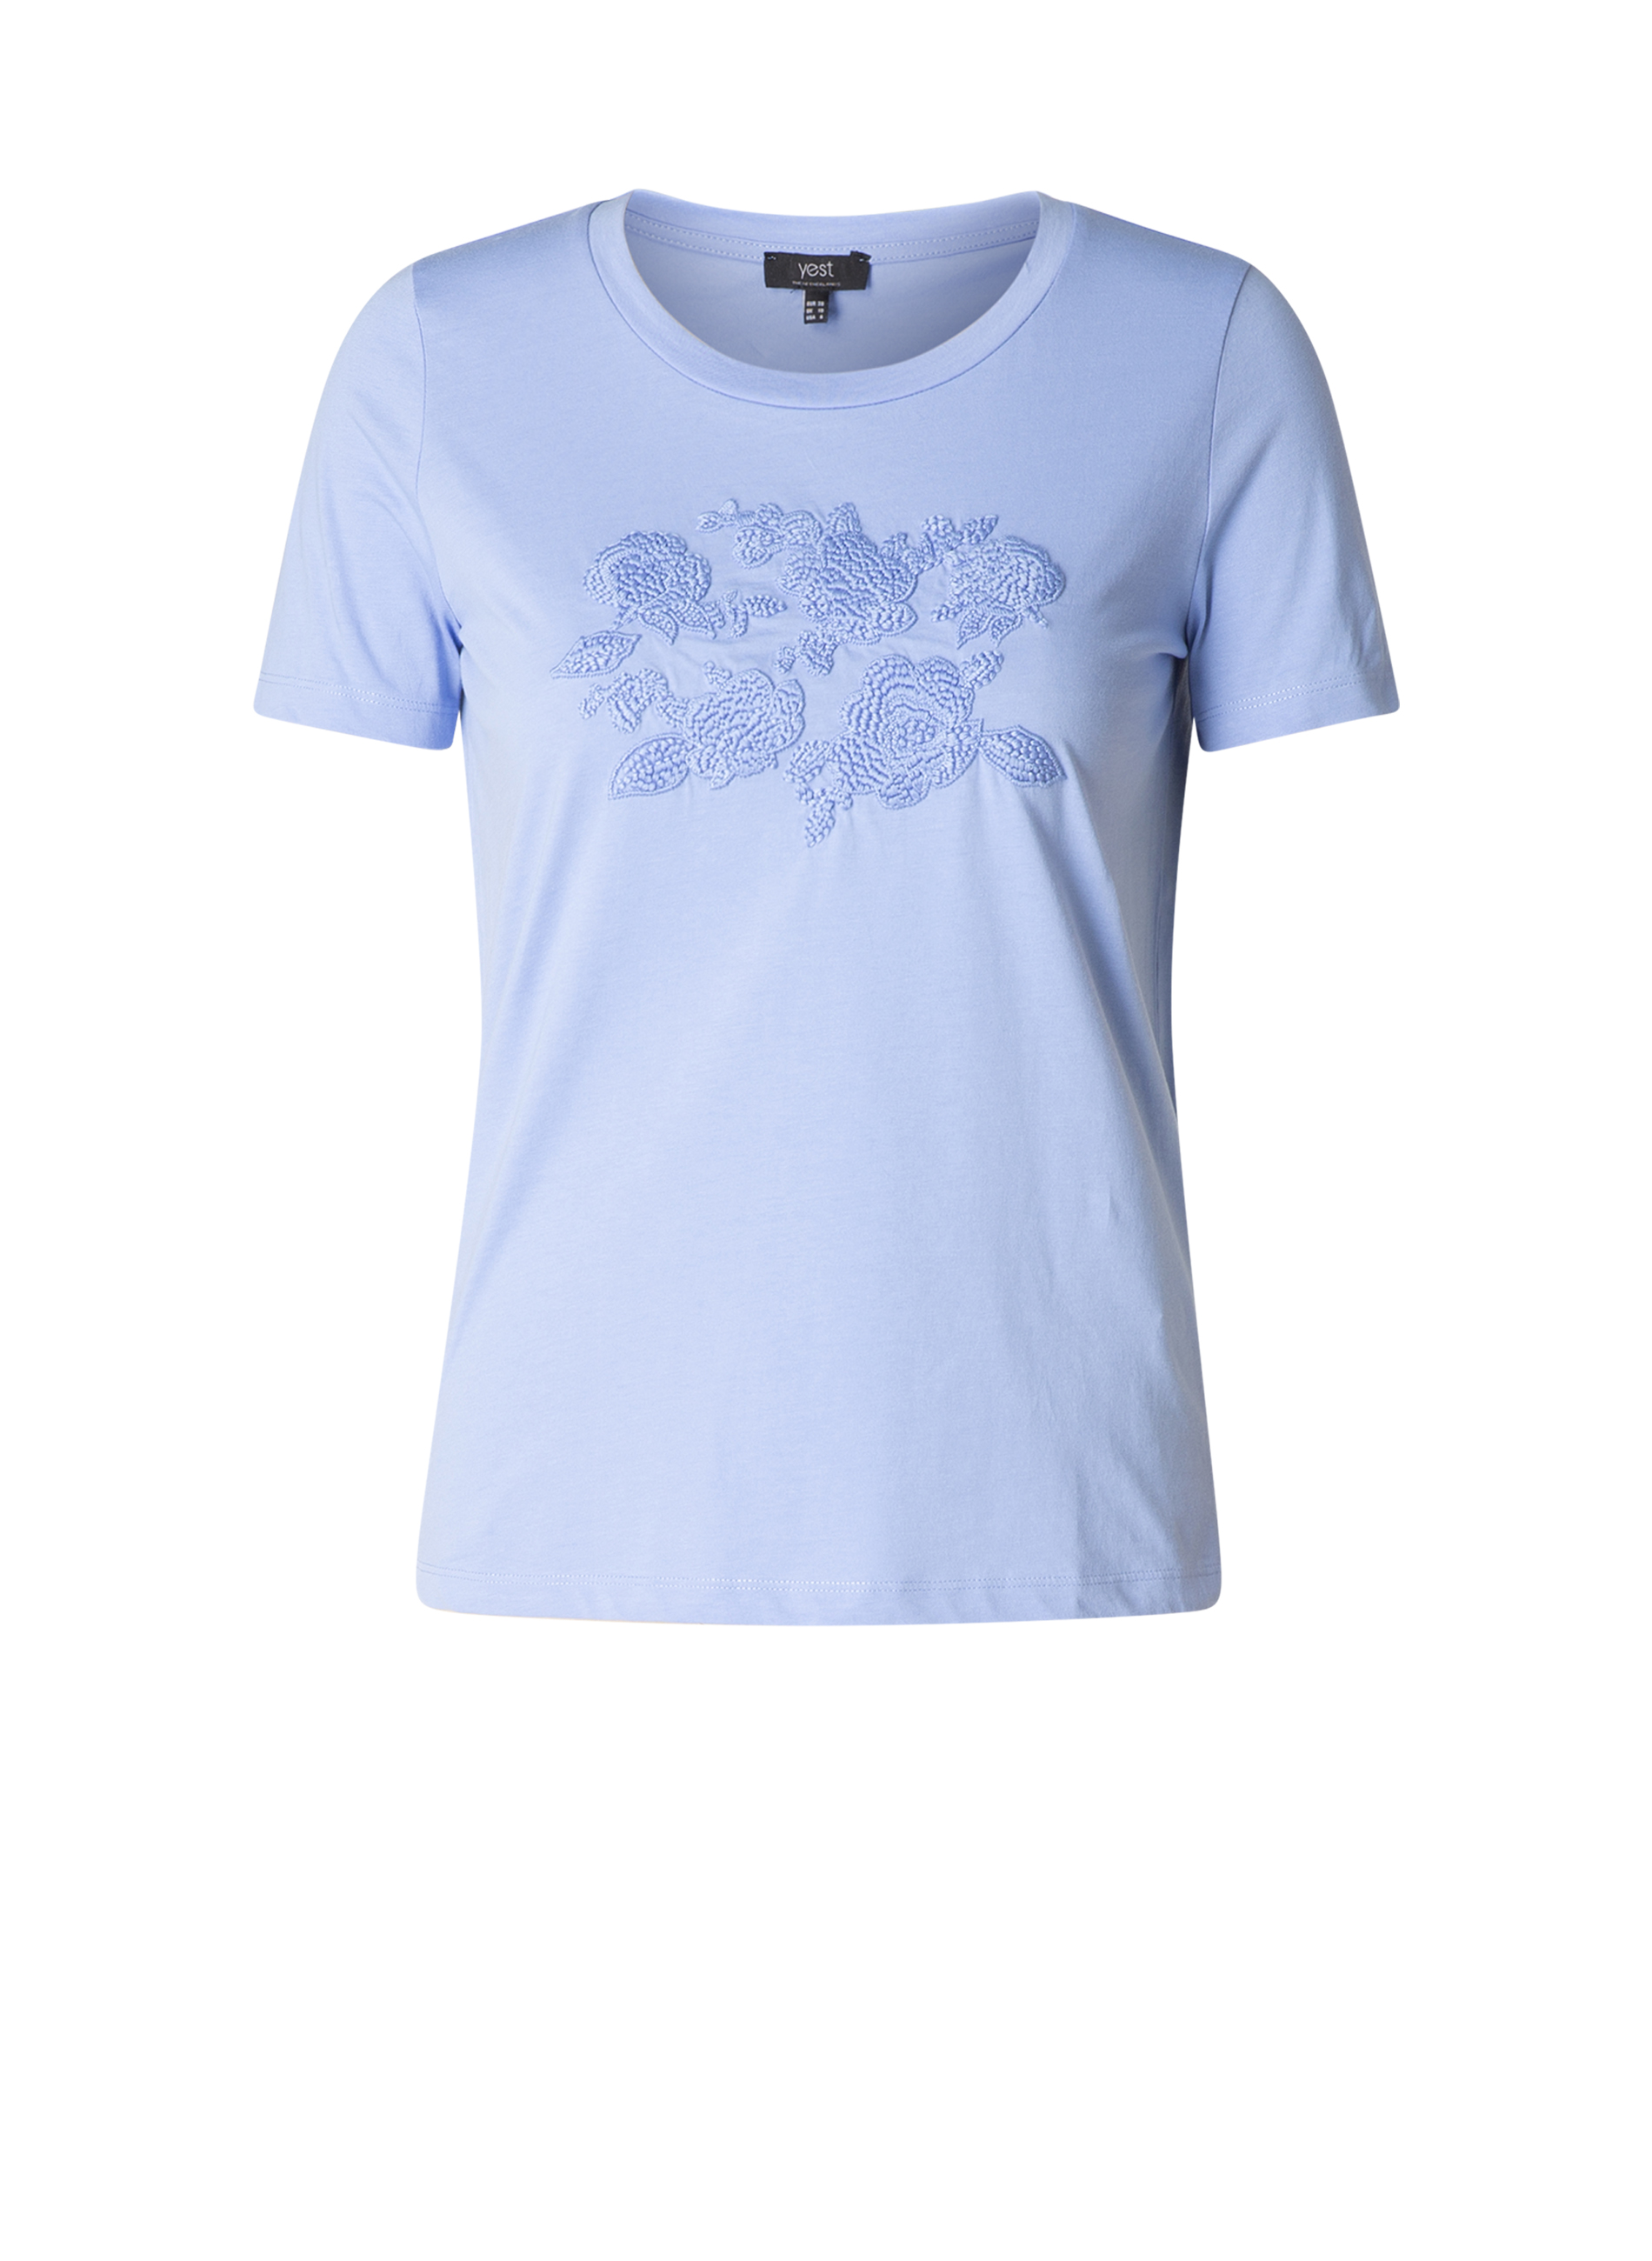 Shirt Yesta bloemen borduur